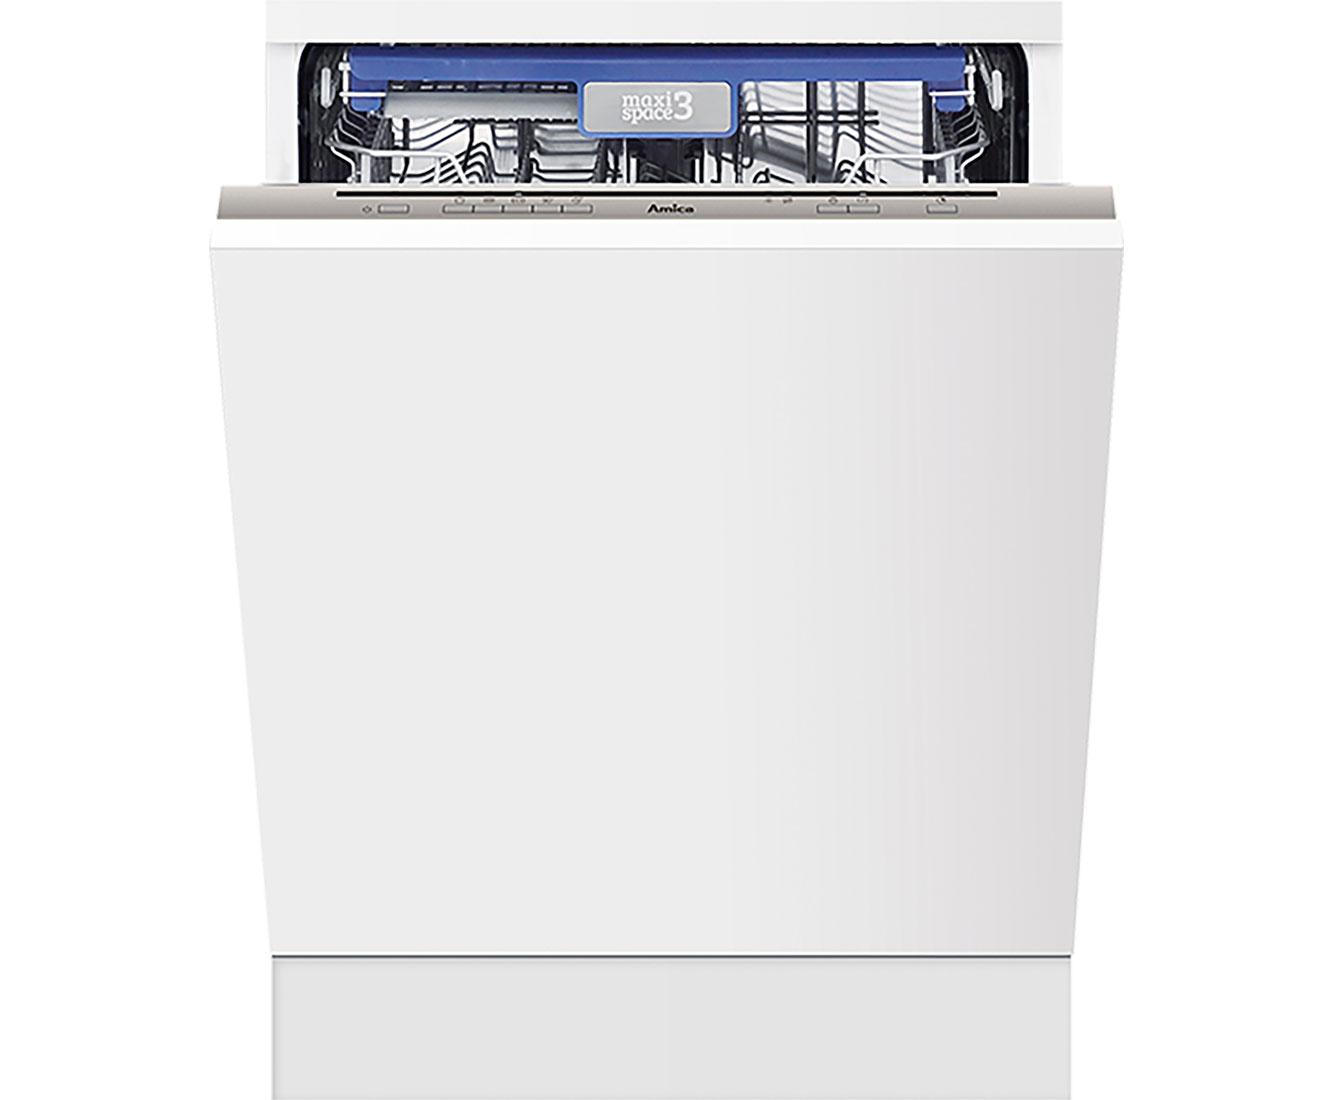 Vollintegrierter Geschirrspuler 60 Cm Bosch Smv46mx03e